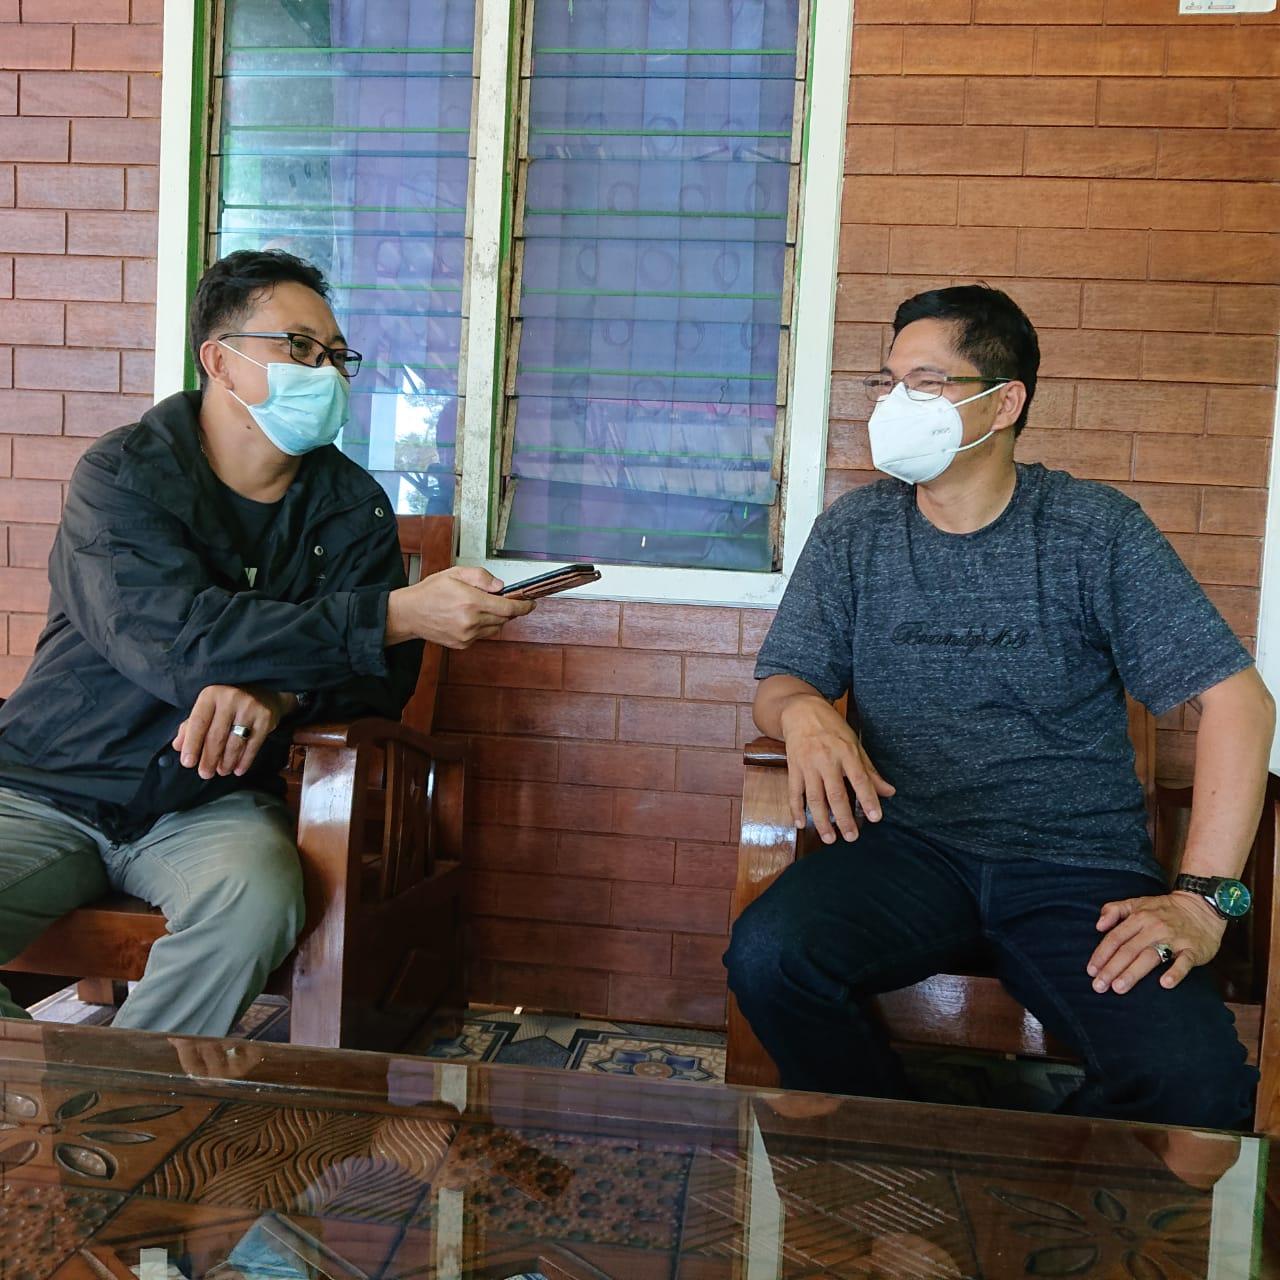 Keterangan Foto : Petinggi Kampung Muara Asa, Eliyakim (kanan), dalam wawancara dengan Mahakampos.com di kediamannya, Kampung Muara Asa, Sabtu 25 September 202. (Foto : Dok.Mahakam Pos).